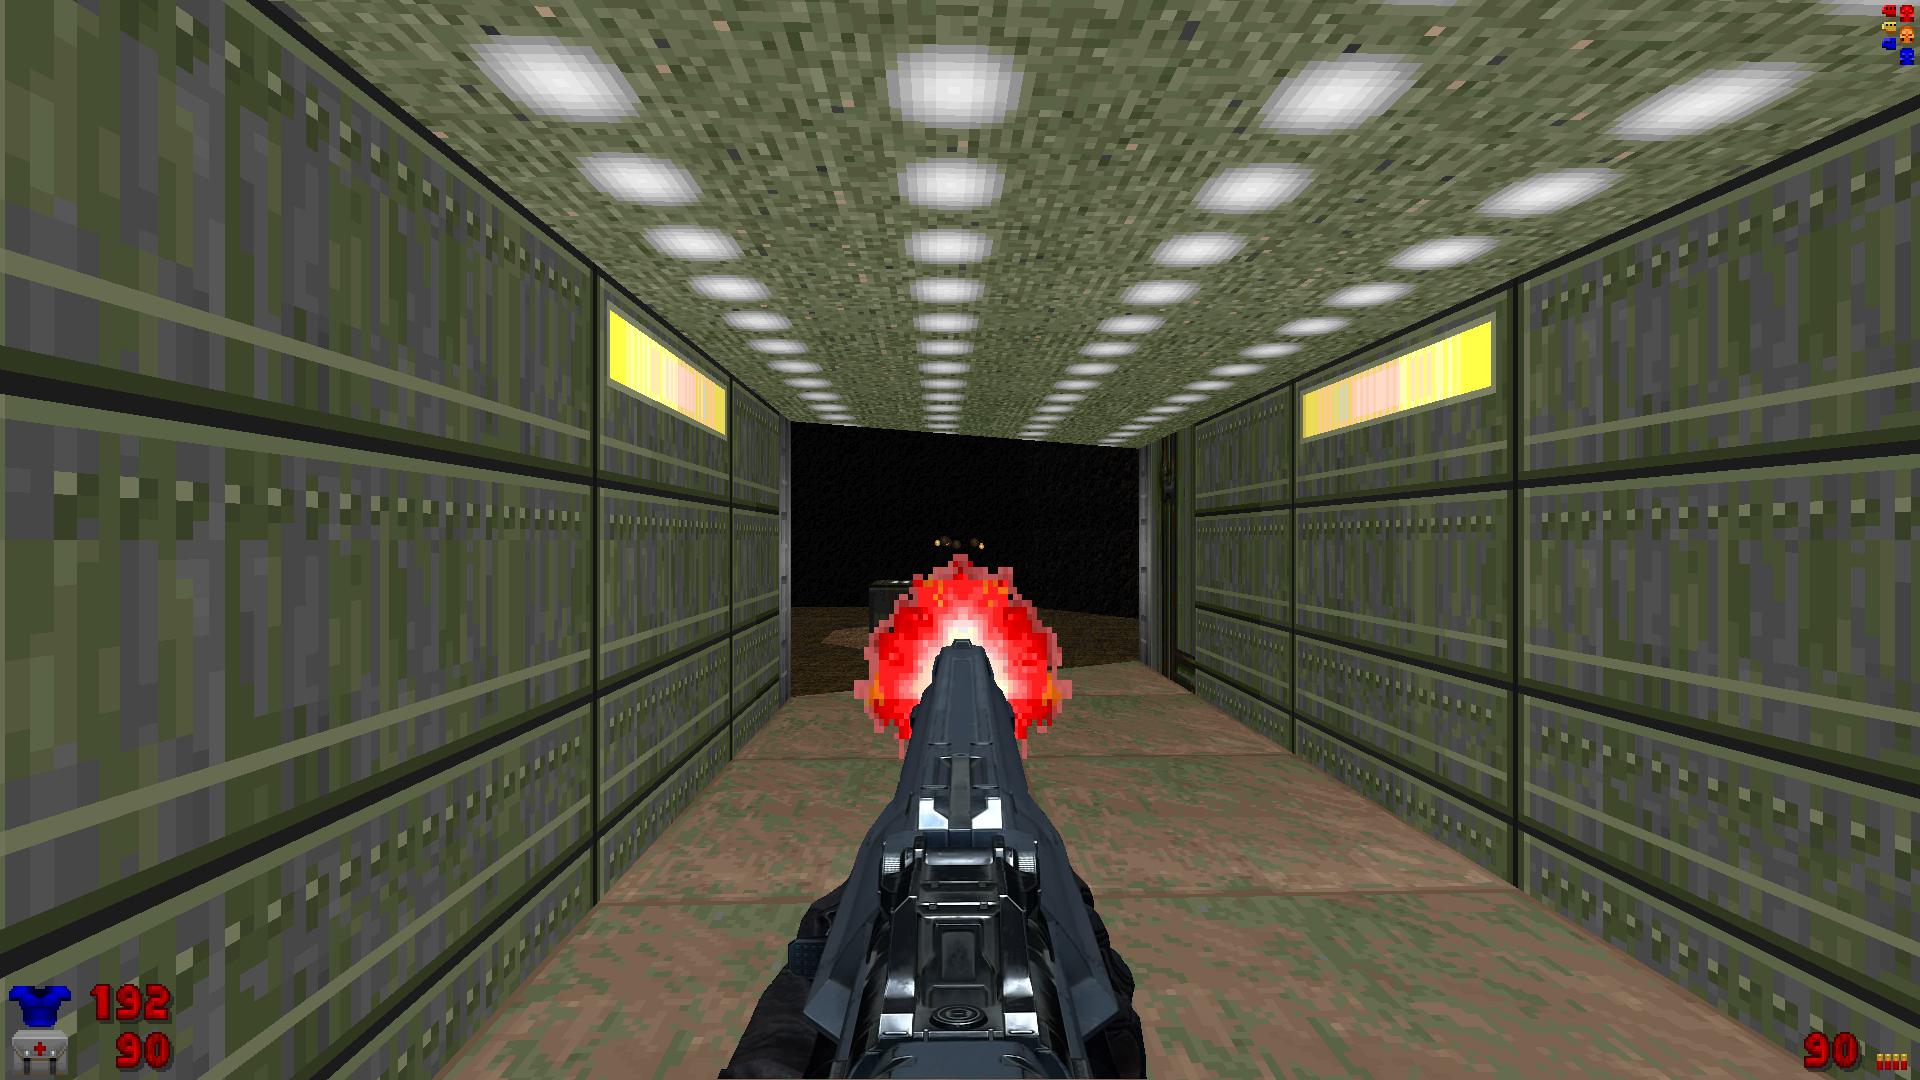 Screenshot_Doom_20200412_203836.png.0fabd334700610f1a3de1e9f0d924cd6.png